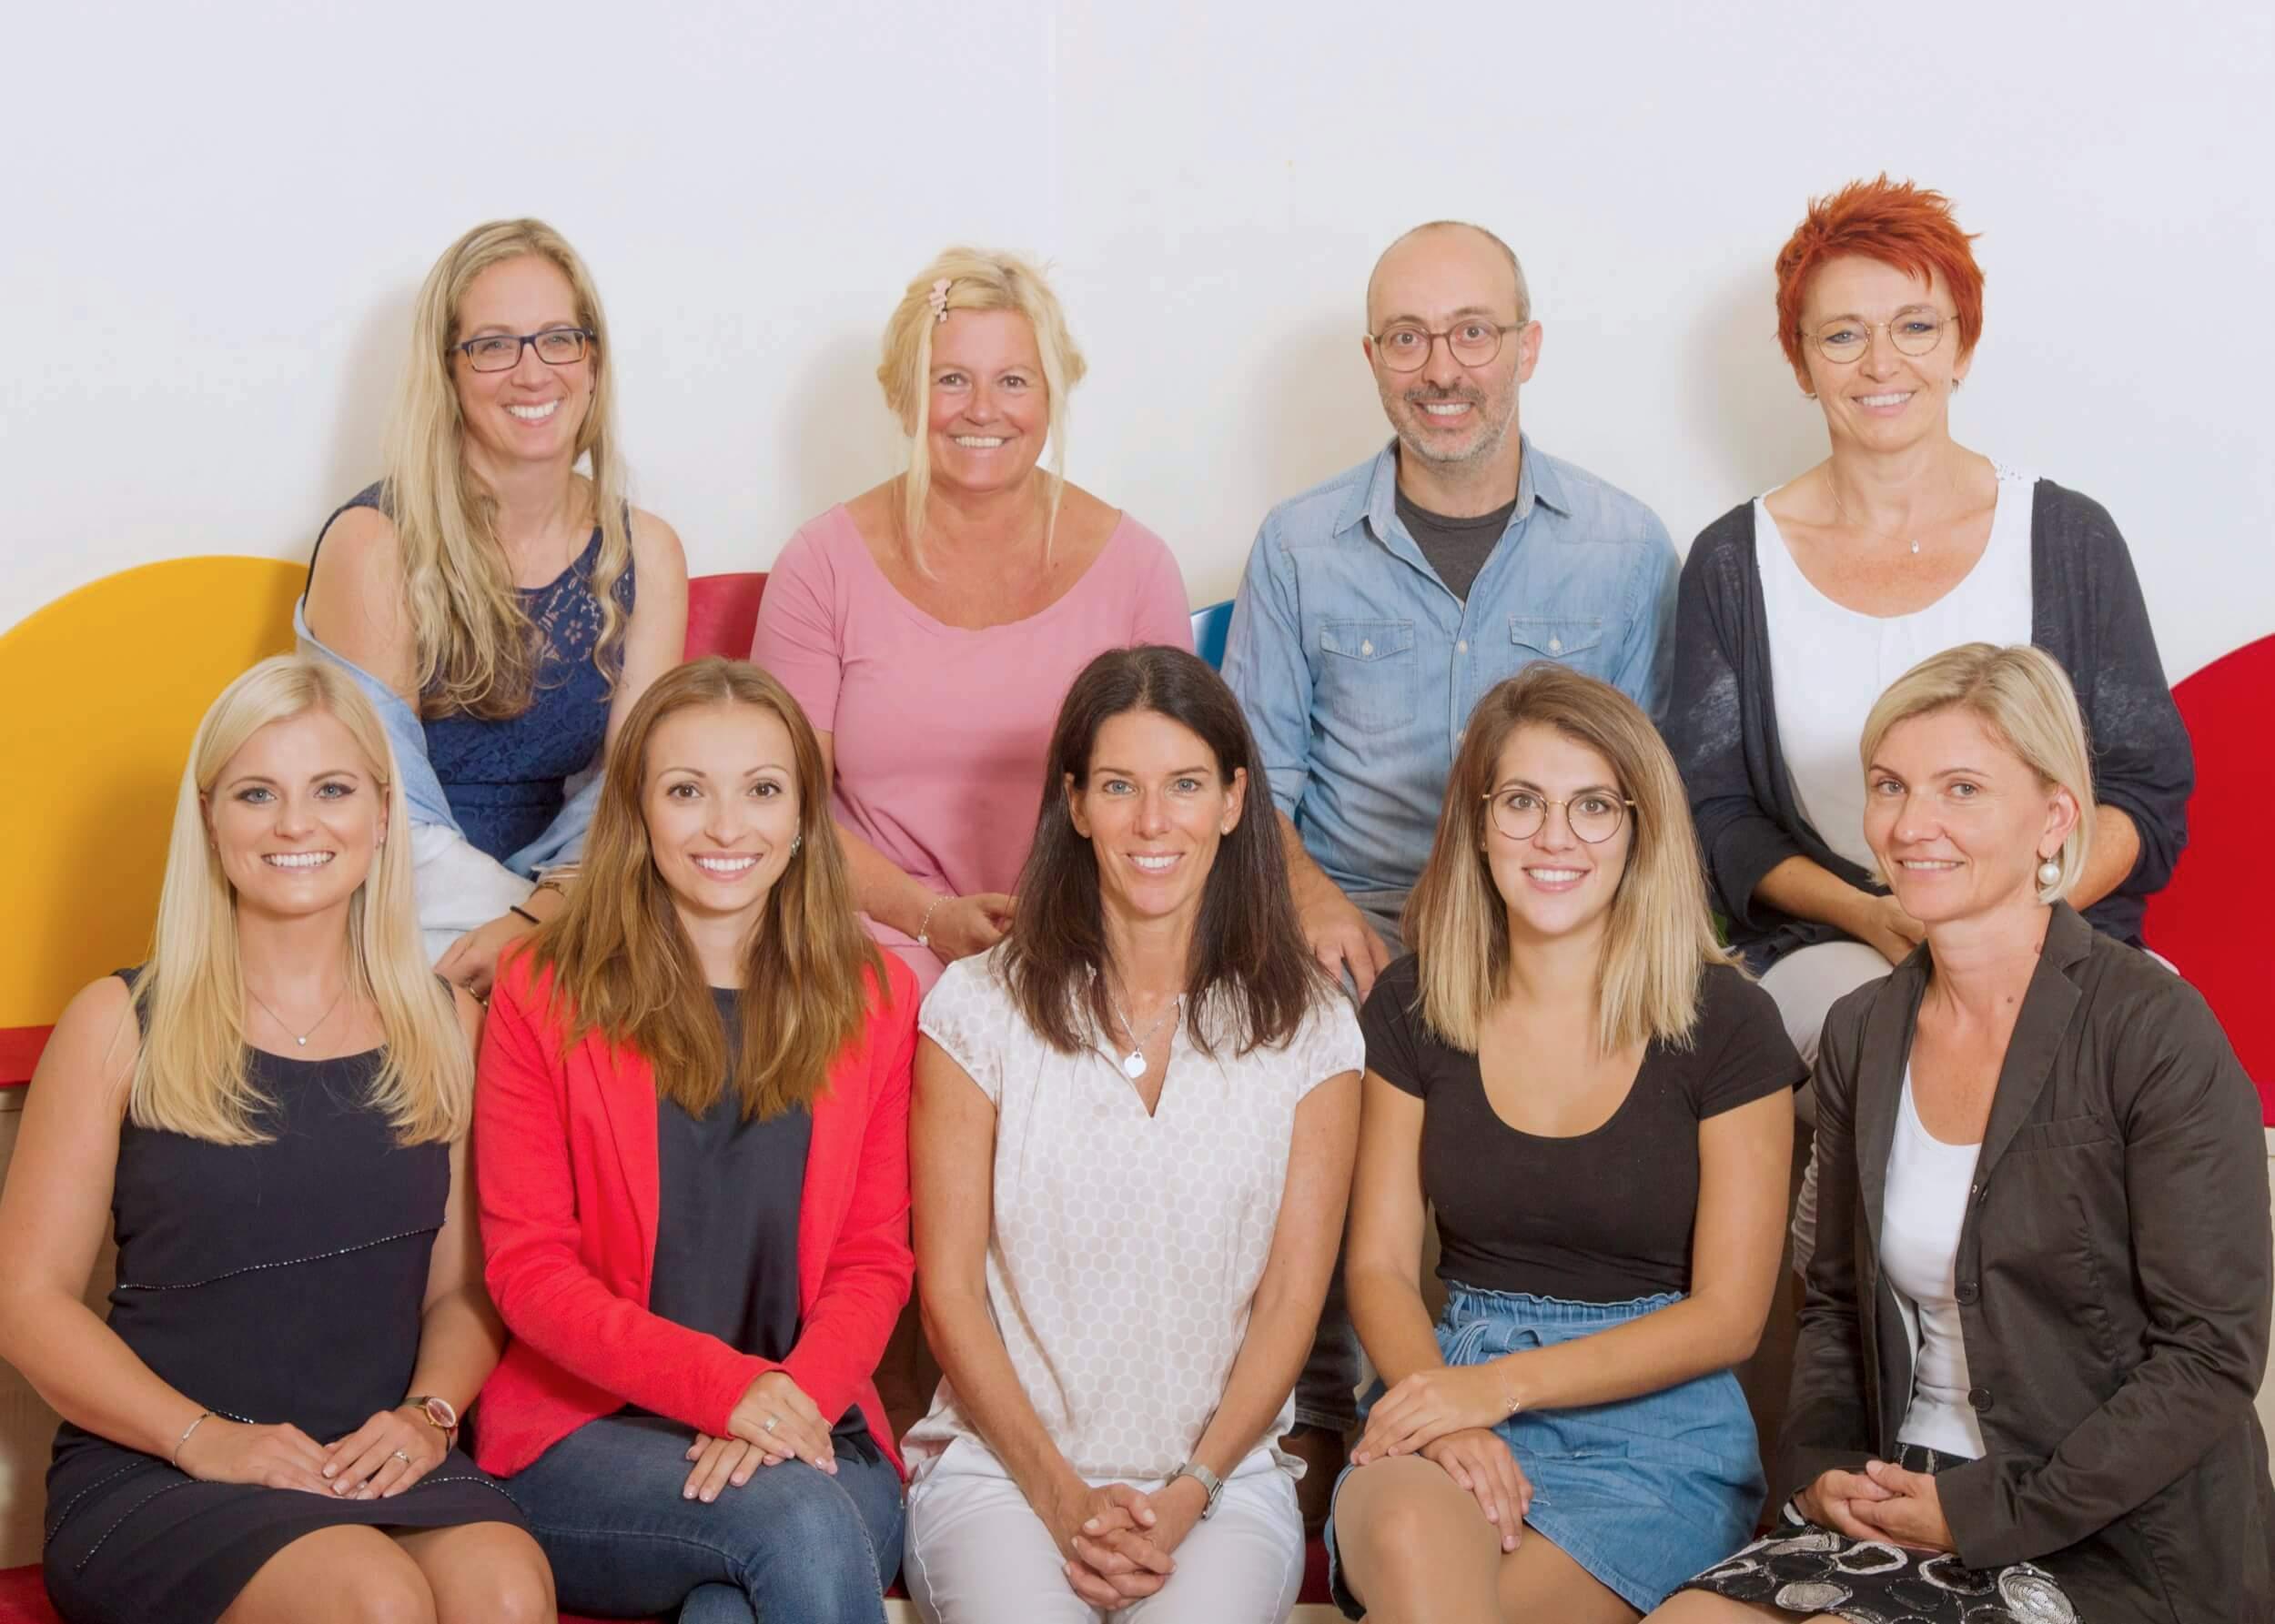 Vordere Reihe    (v.l.n.r.):  Lisa Glück (Klassenlehrerin der 4a), Elma Klokic (Klassenlehrerin der 1b), Birgit Flitsch-Fröhlich (Leiterin der VS), Sara Delvecchio (Klassenlehrerin der M Klasse) & Ingrid Grössl (Klassenlehrerin der 1a);   Hintere Reihe    (v.l.n.r.):  Sabine Polenat (Klassenlehrerin der 4b), Andrea Steinklauber (Stützlehrerin der 3a), Richard Pressnitz (Klassenlehrer der 3a) & Sabine Rauch (Klassenlehrerin der 2a);